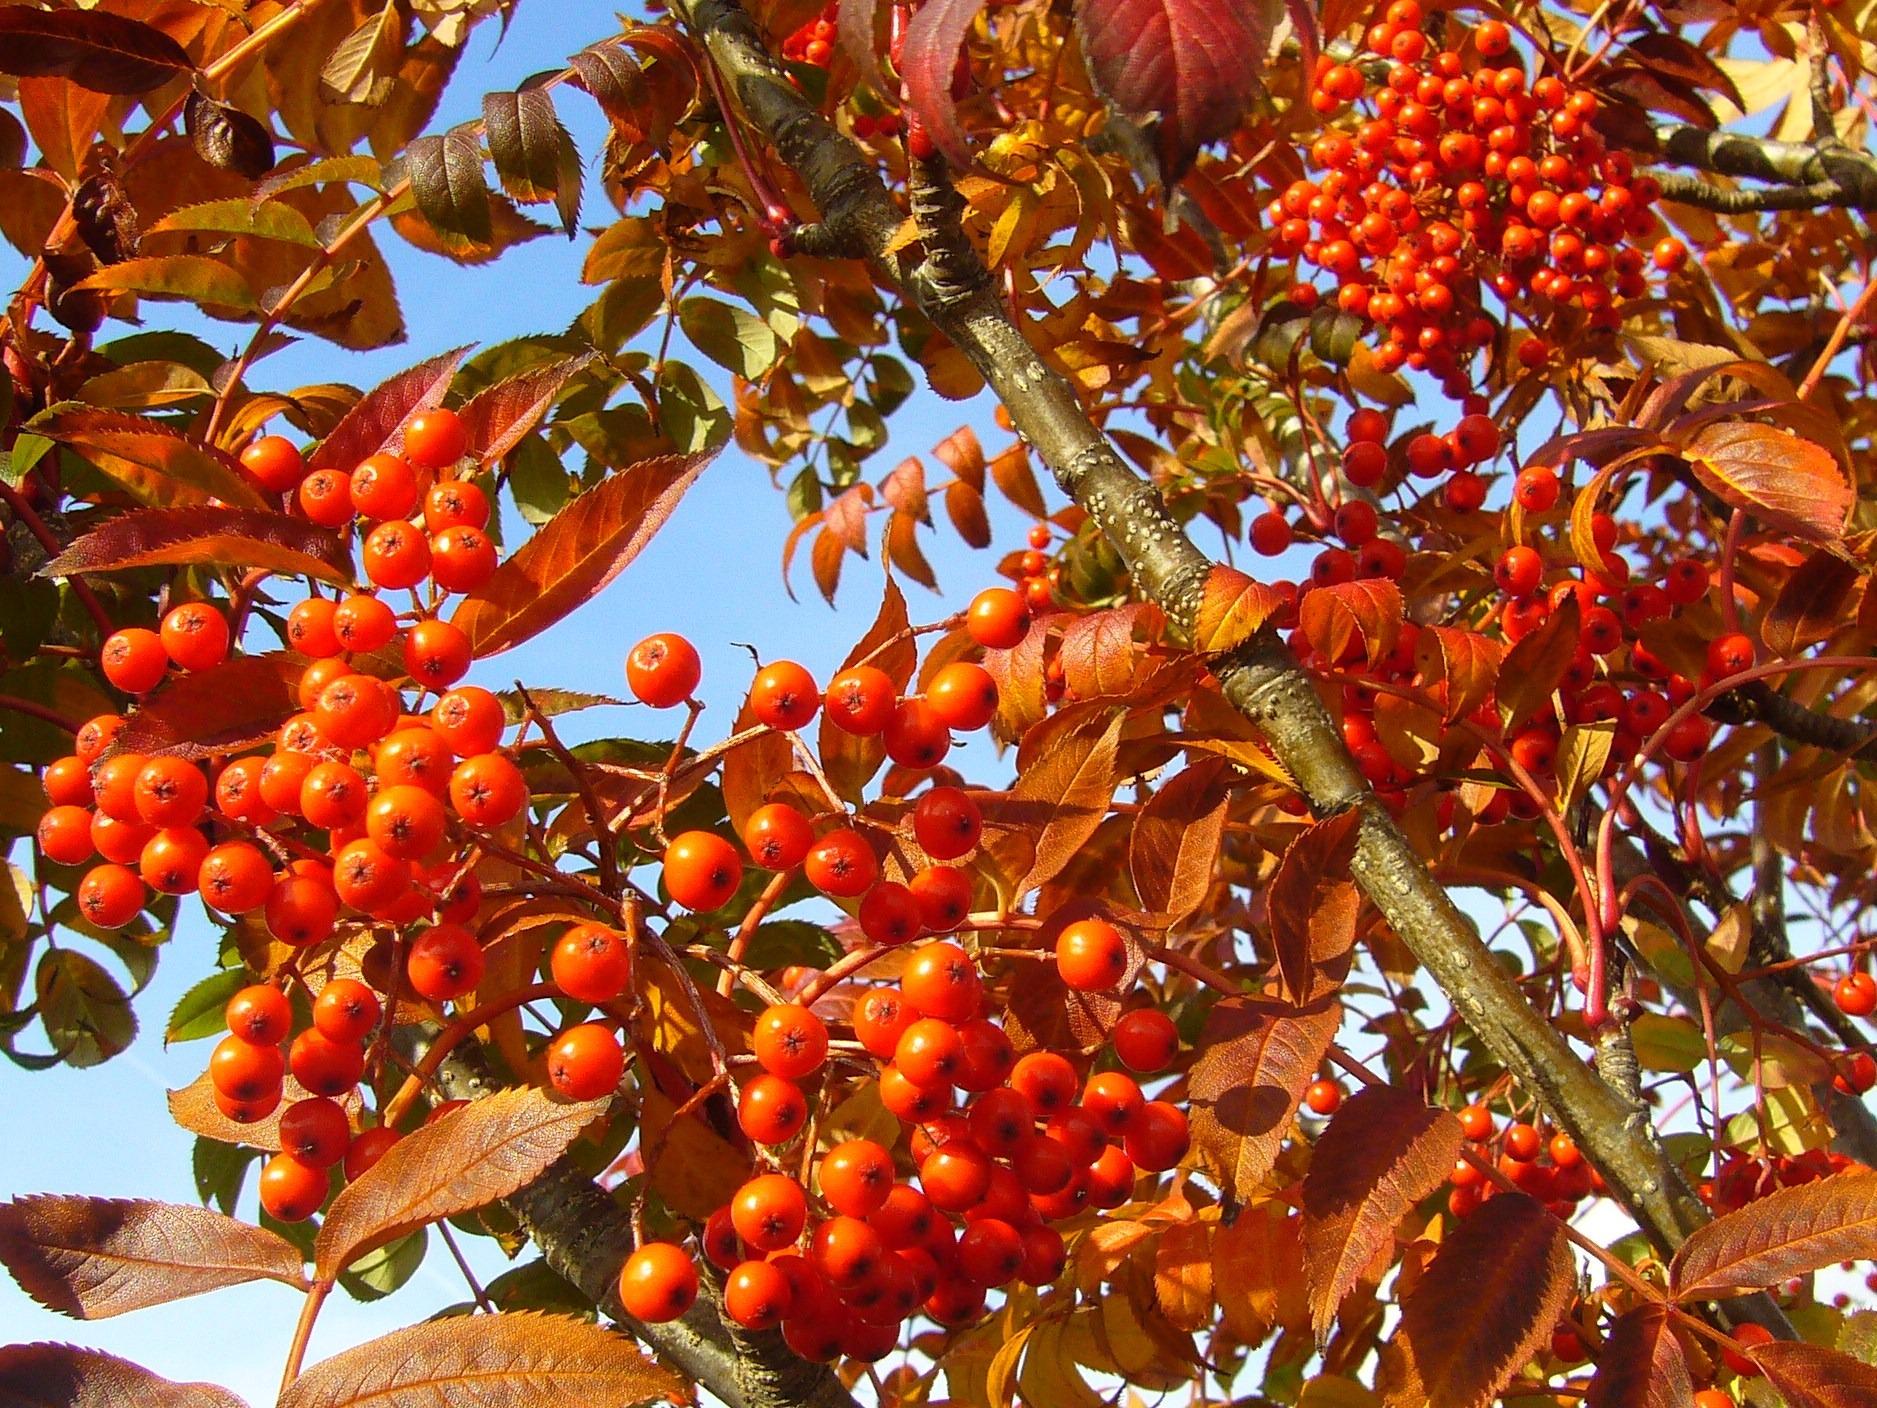 Free Images Nature Branch Fruit Leaf Flower Food Produce